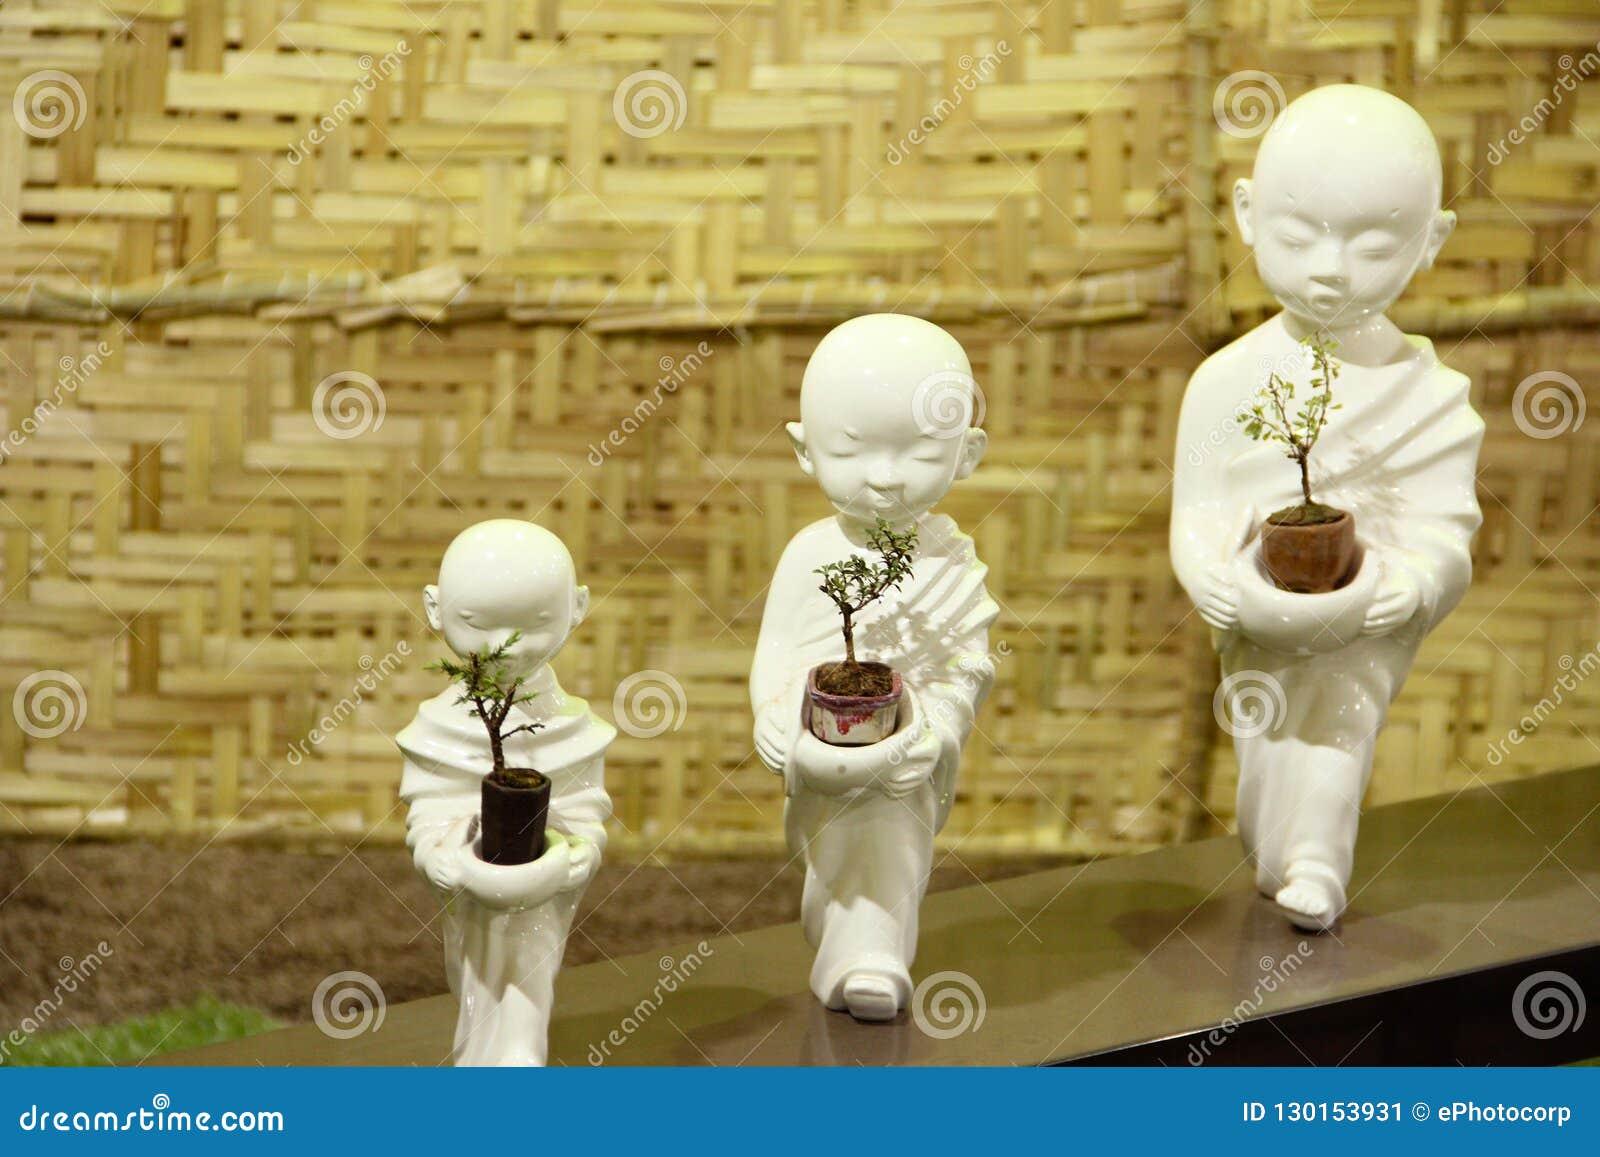 Pequeñas estatuas de Buda que sostienen los árboles de los bonsais, exposición del árbol de los bonsais en Pune